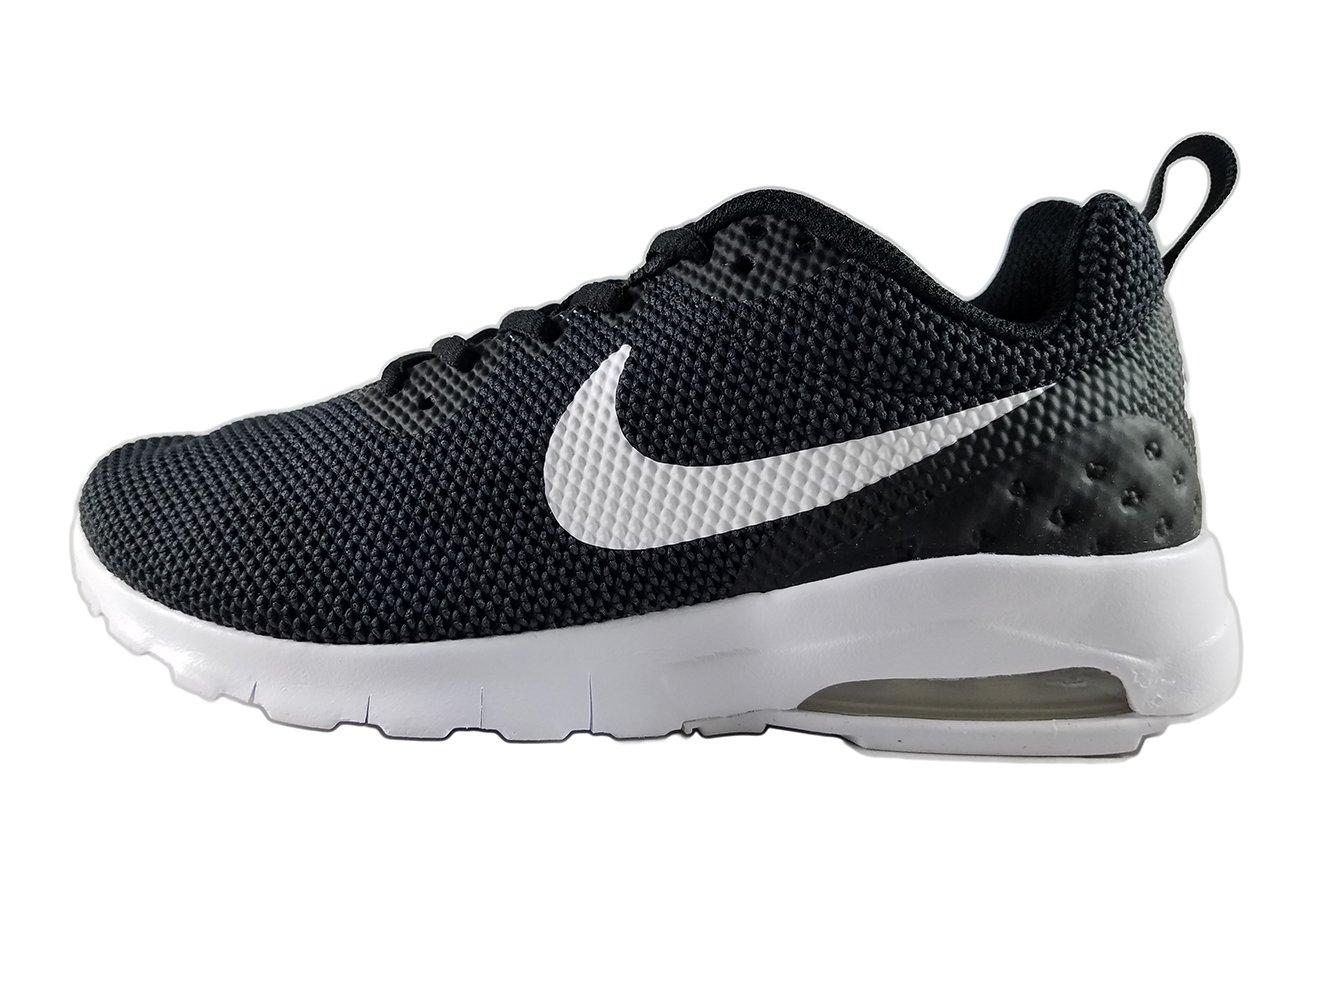 Nike Damen WMNS Air Max Motion 2 Cross Trainer: